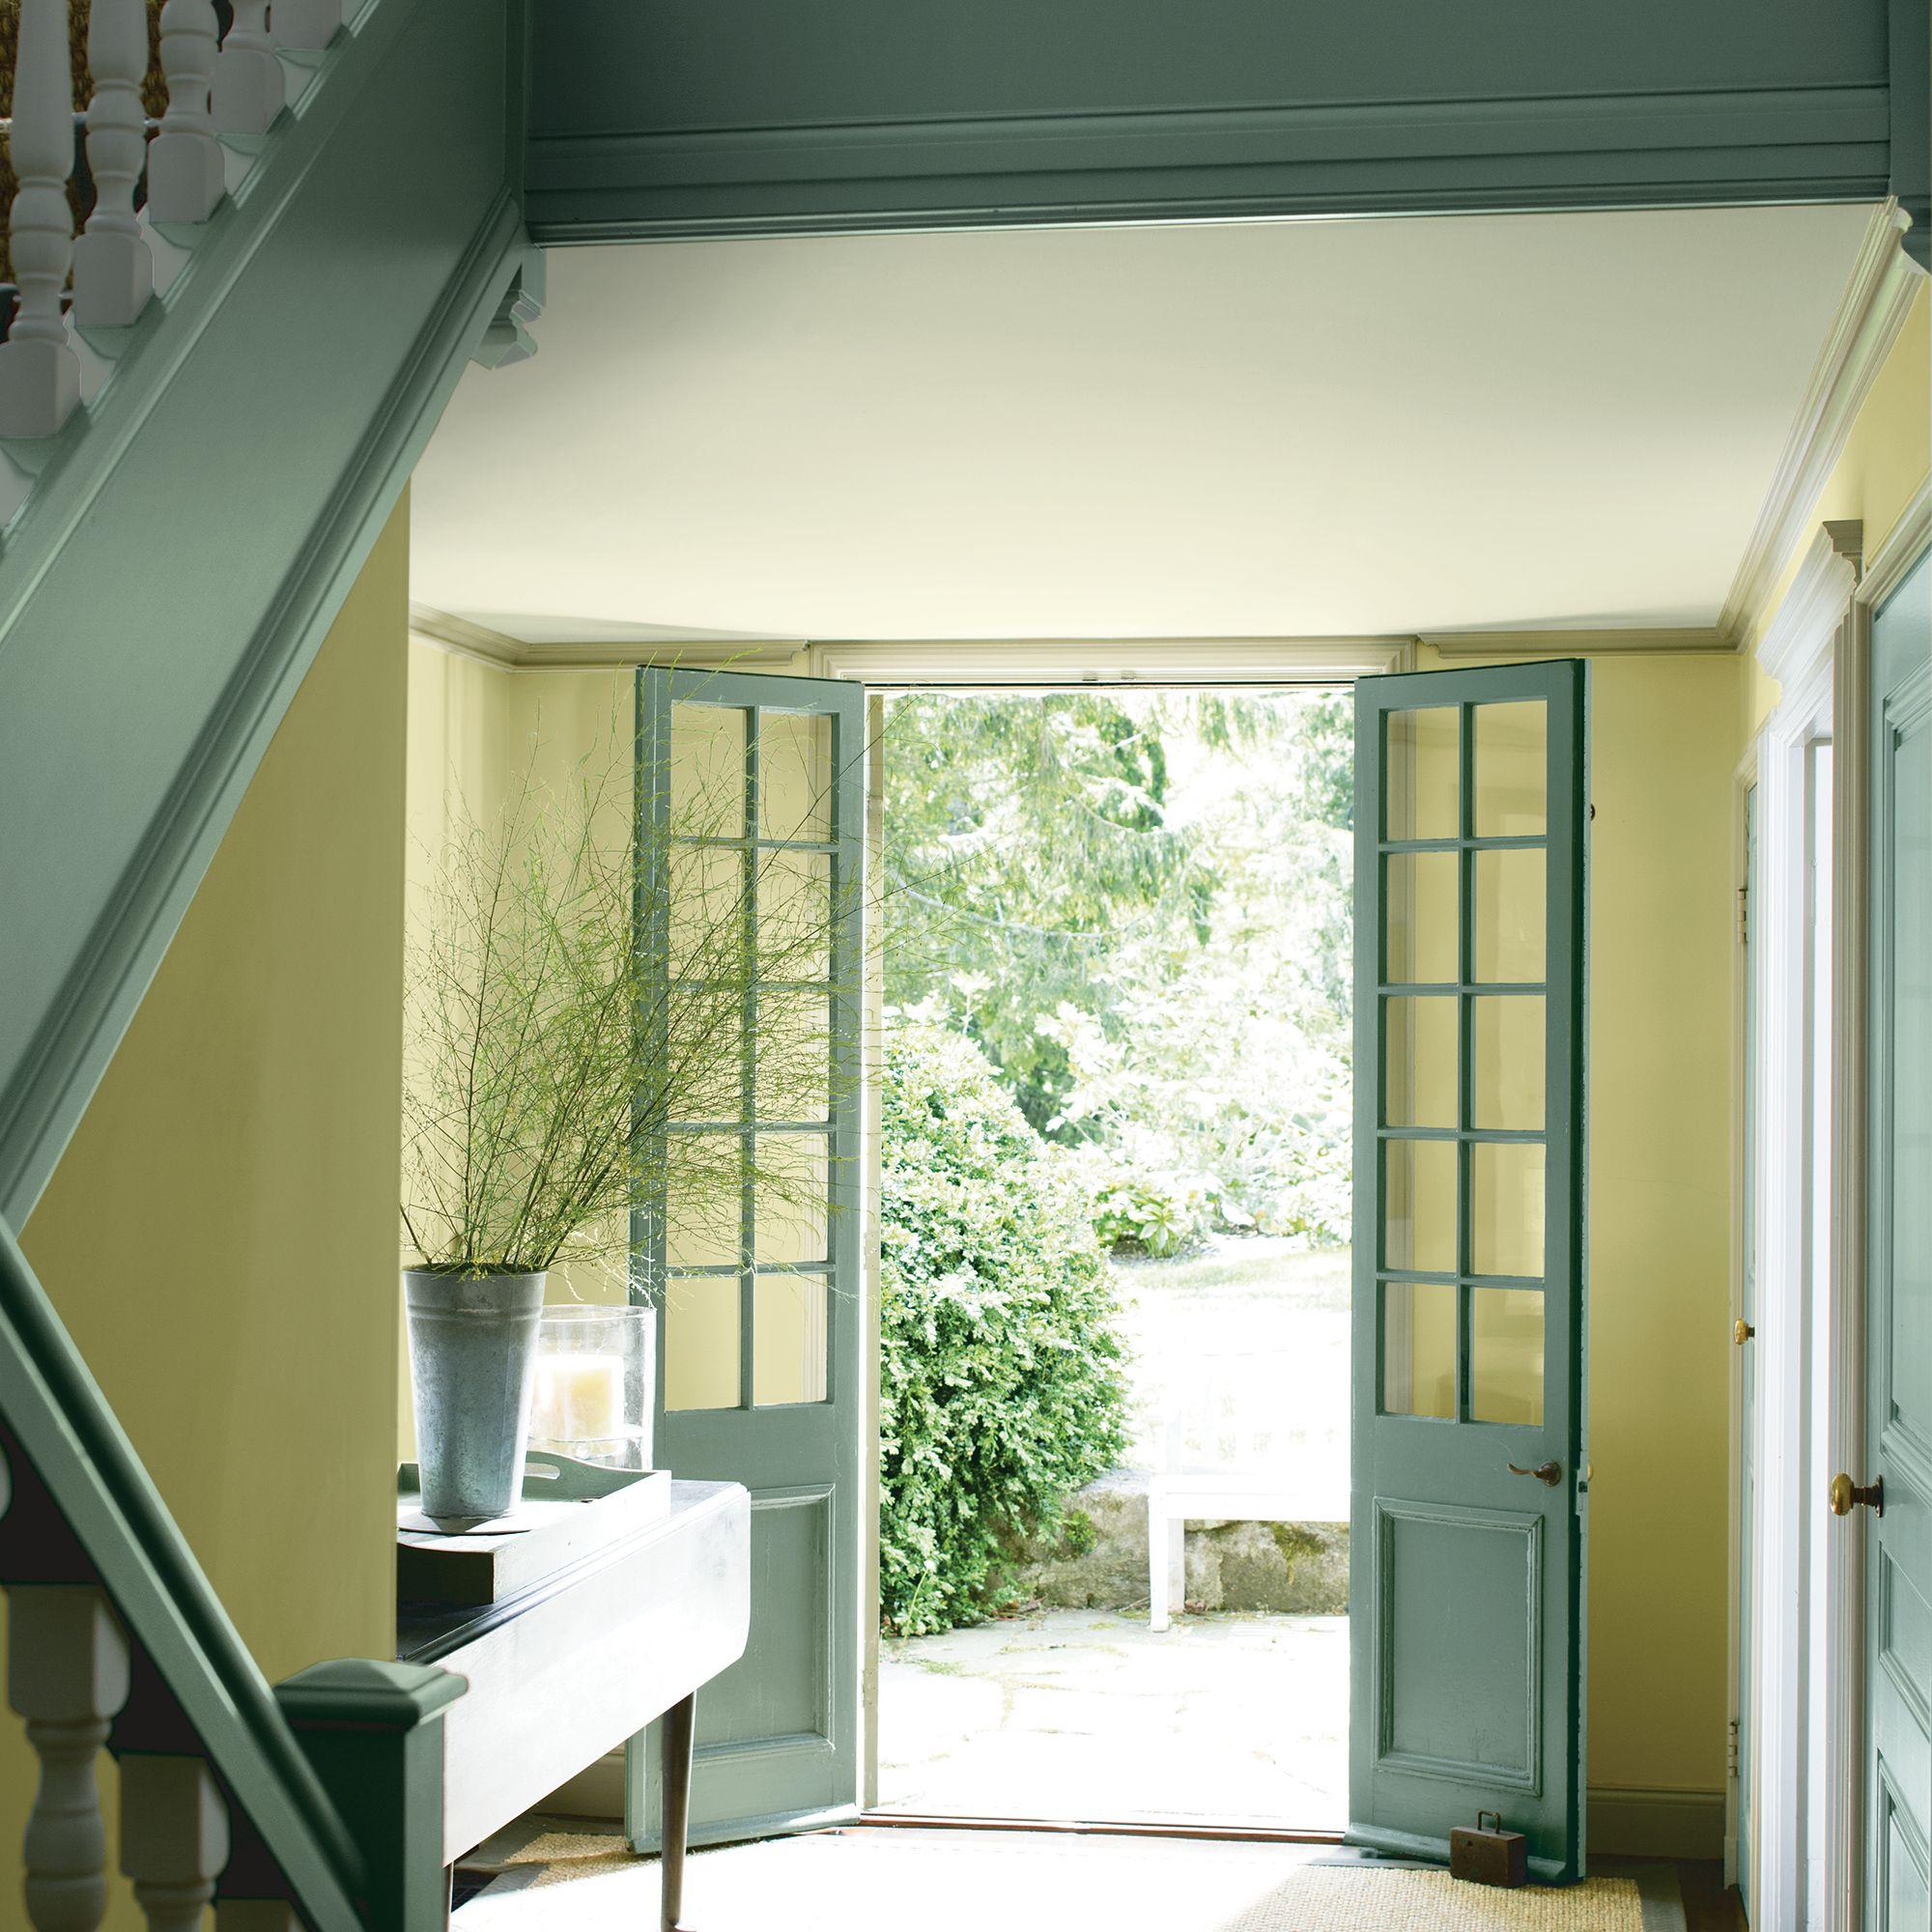 Green Entryway with Open Door